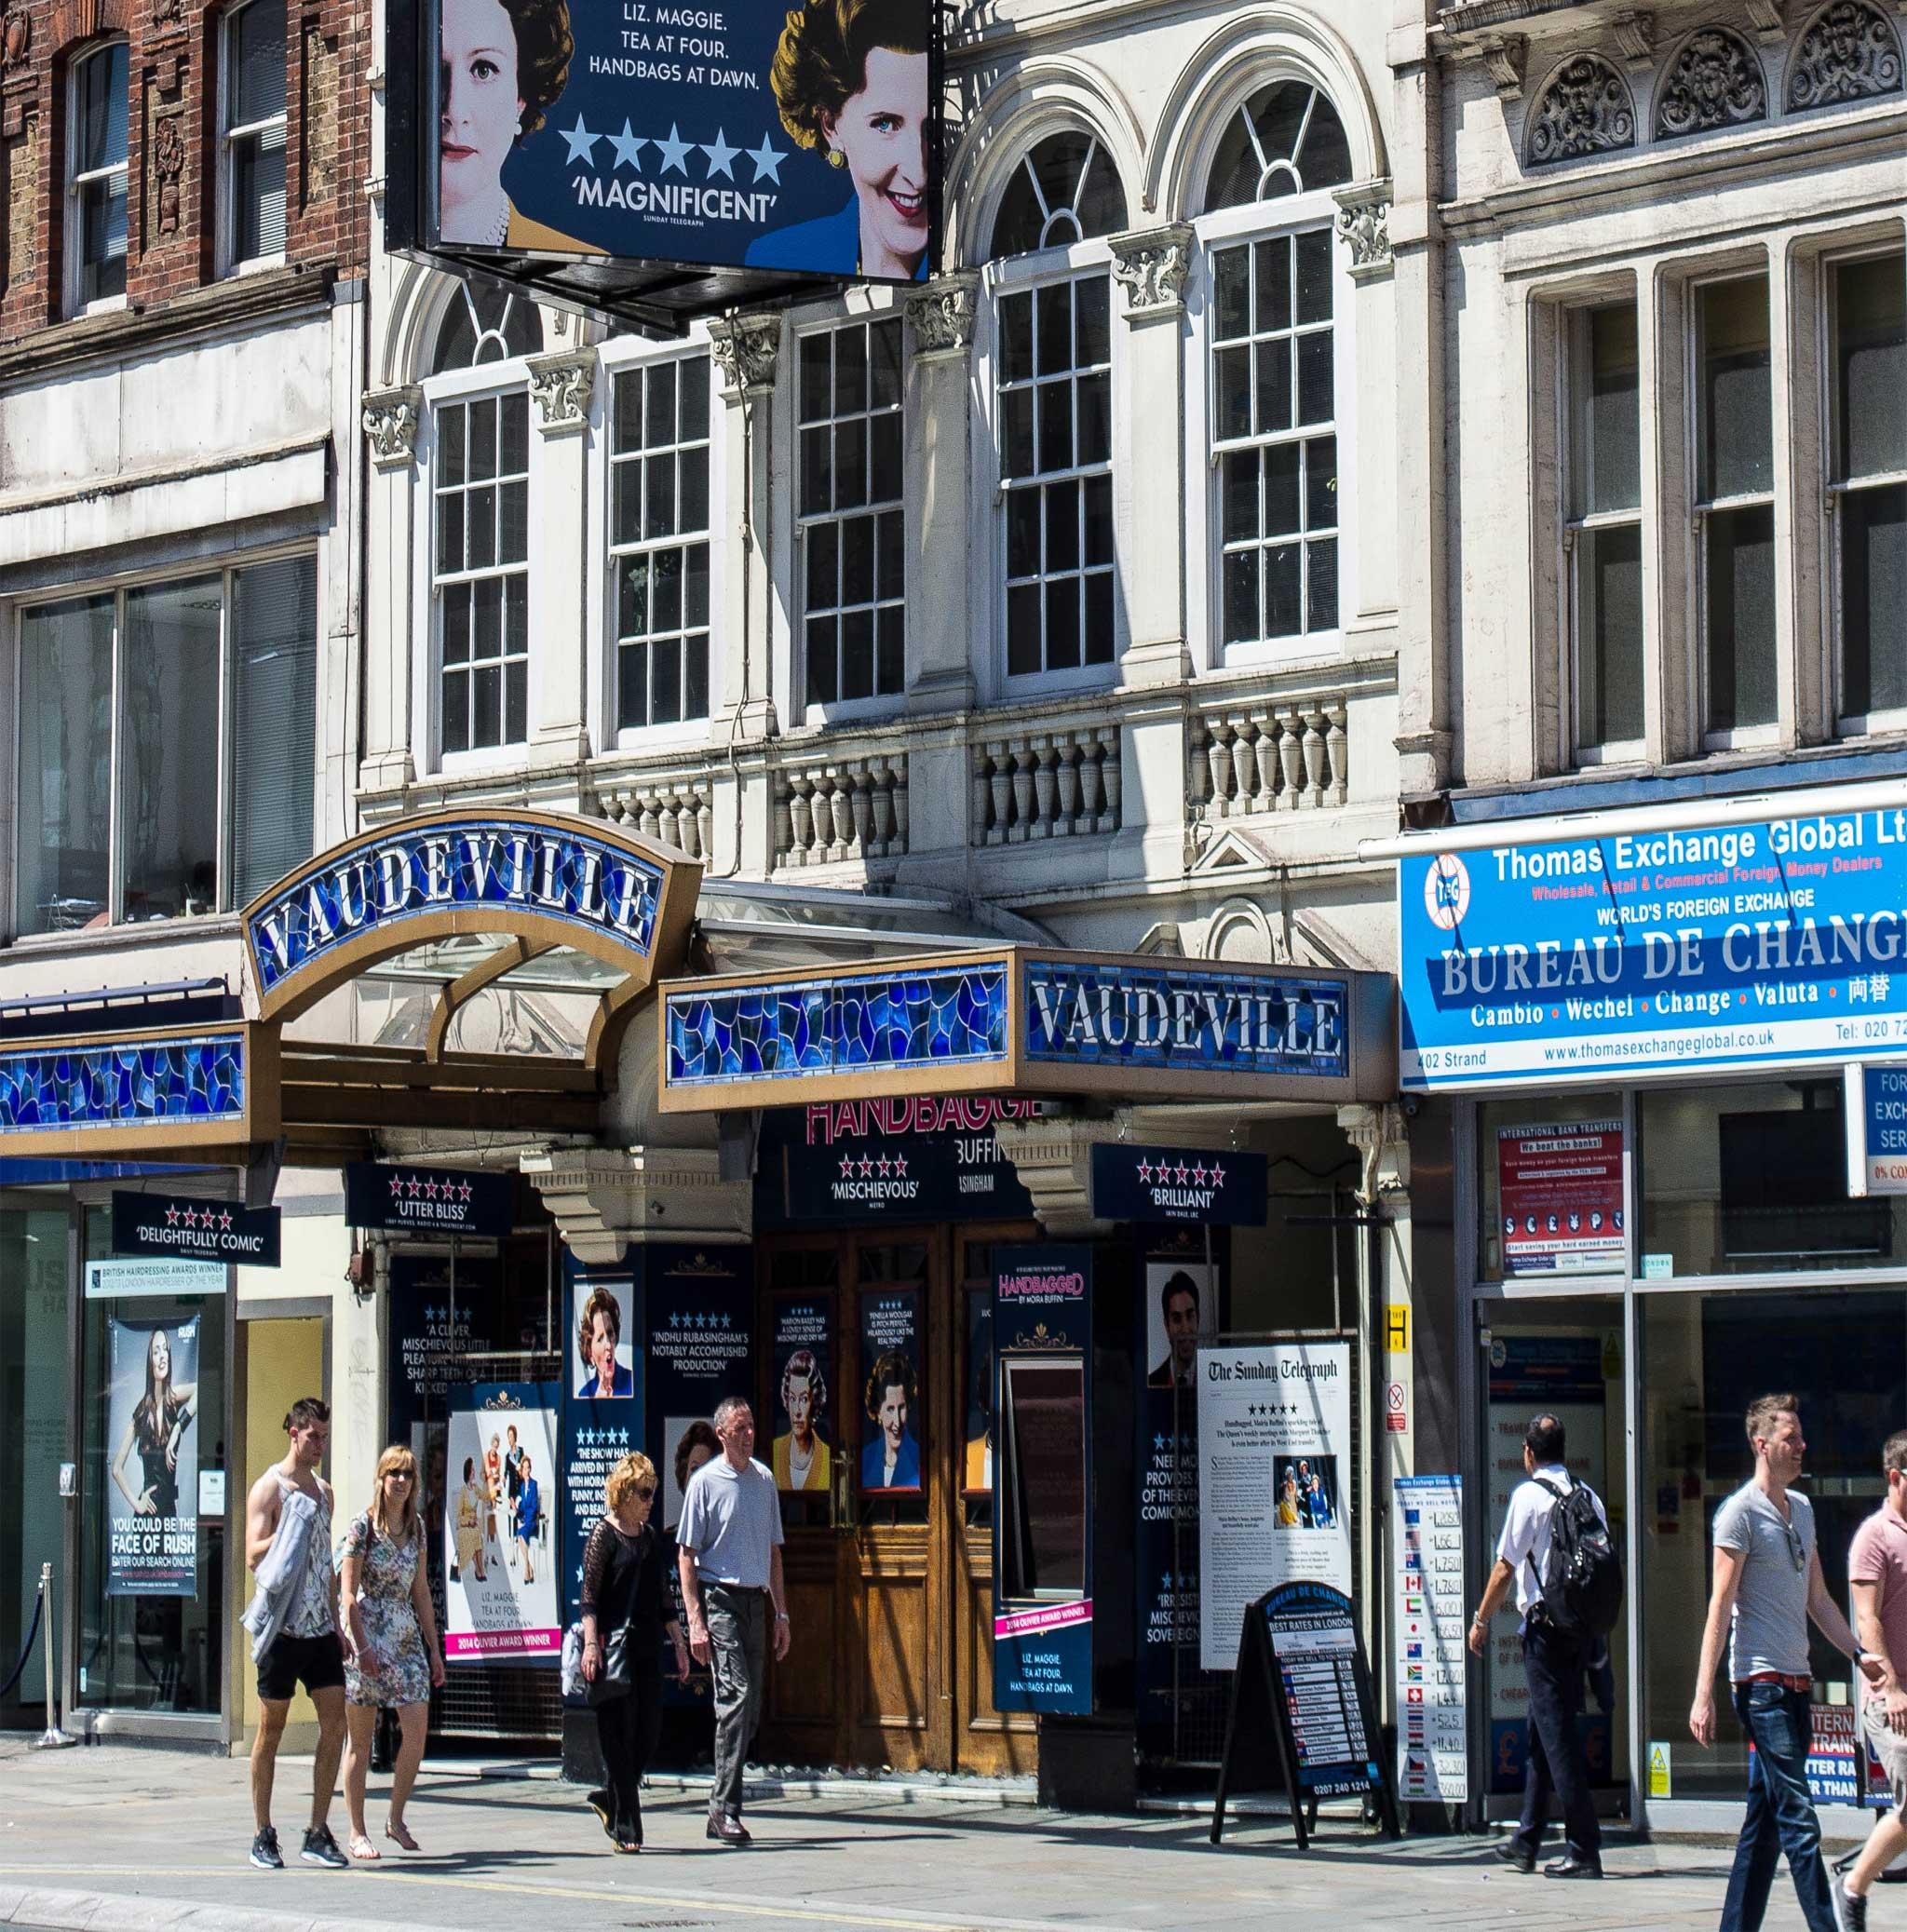 Vaudeville / Adelphi on London audio tour Theatreland Tour with Ian McKellen